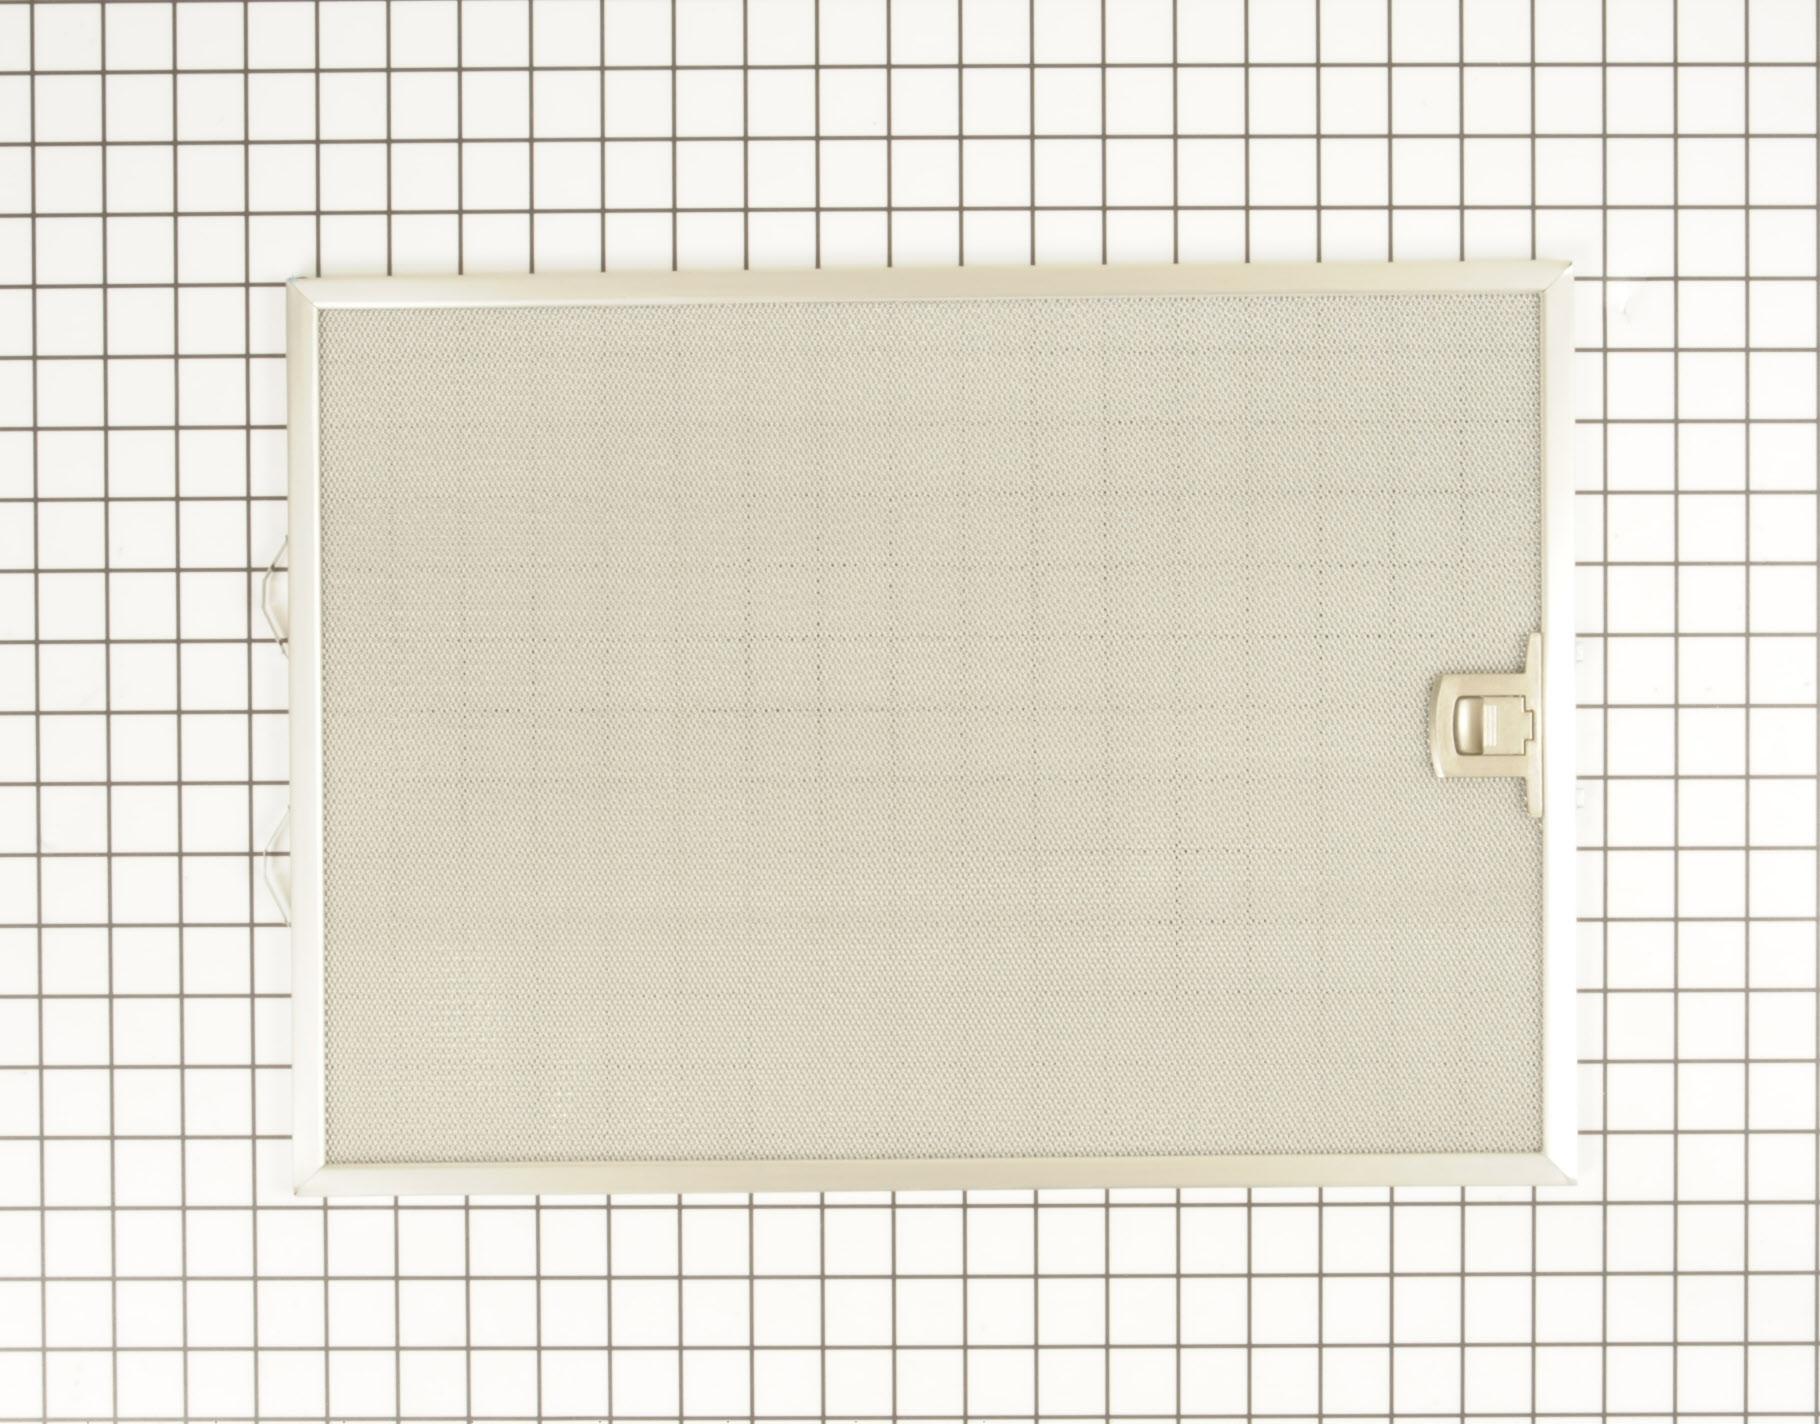 Range Vent Hood Part #  - Grease Filter - Broan SV06264